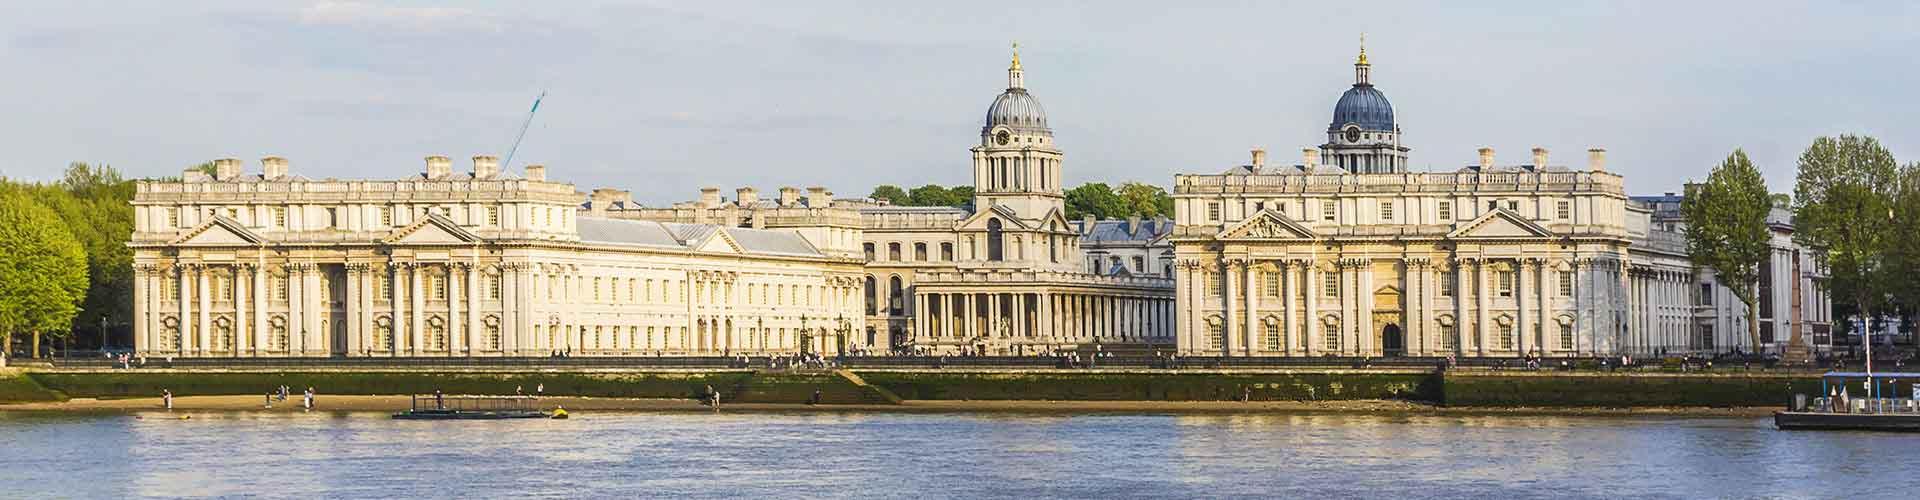 ロンドン – Borough of Greenwich地区のユースホステル. 地図 ロンドン, すべてのユースホステルの写真とレビュー ロンドン.